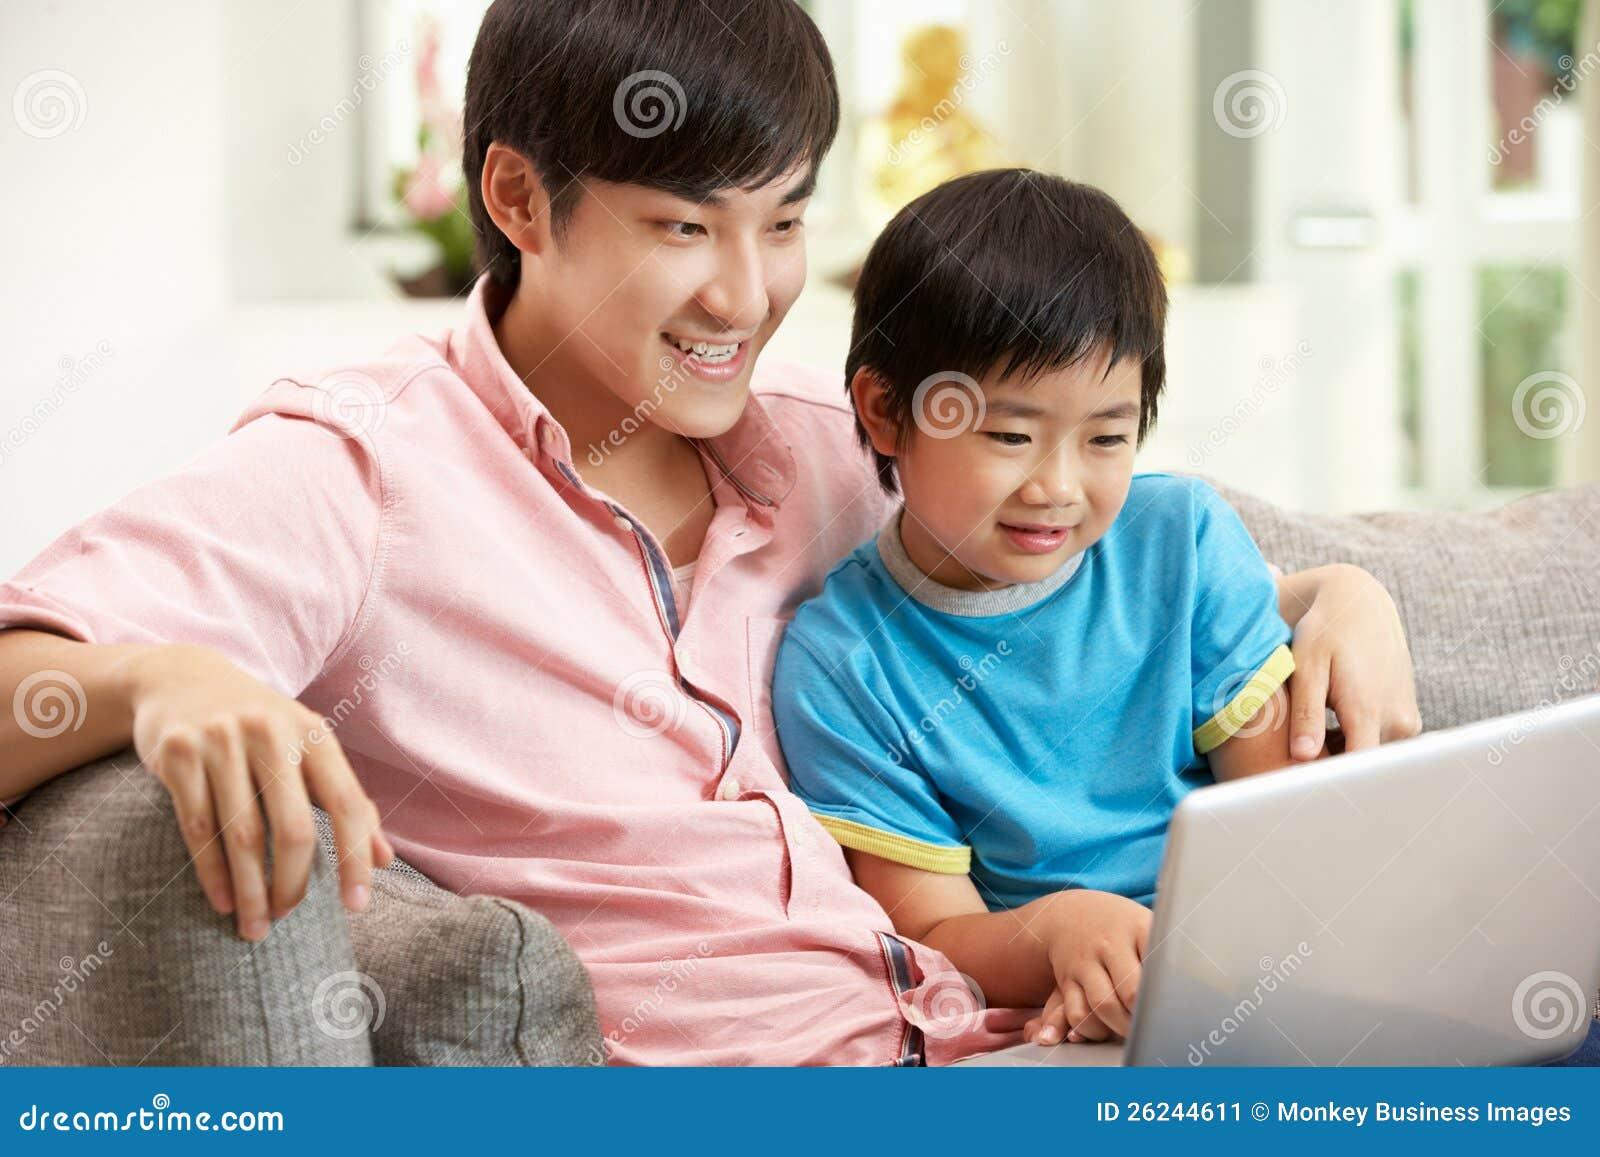 Секс сын трахает мать на диване, Порно русских мамочек, сын трахает маму 21 фотография